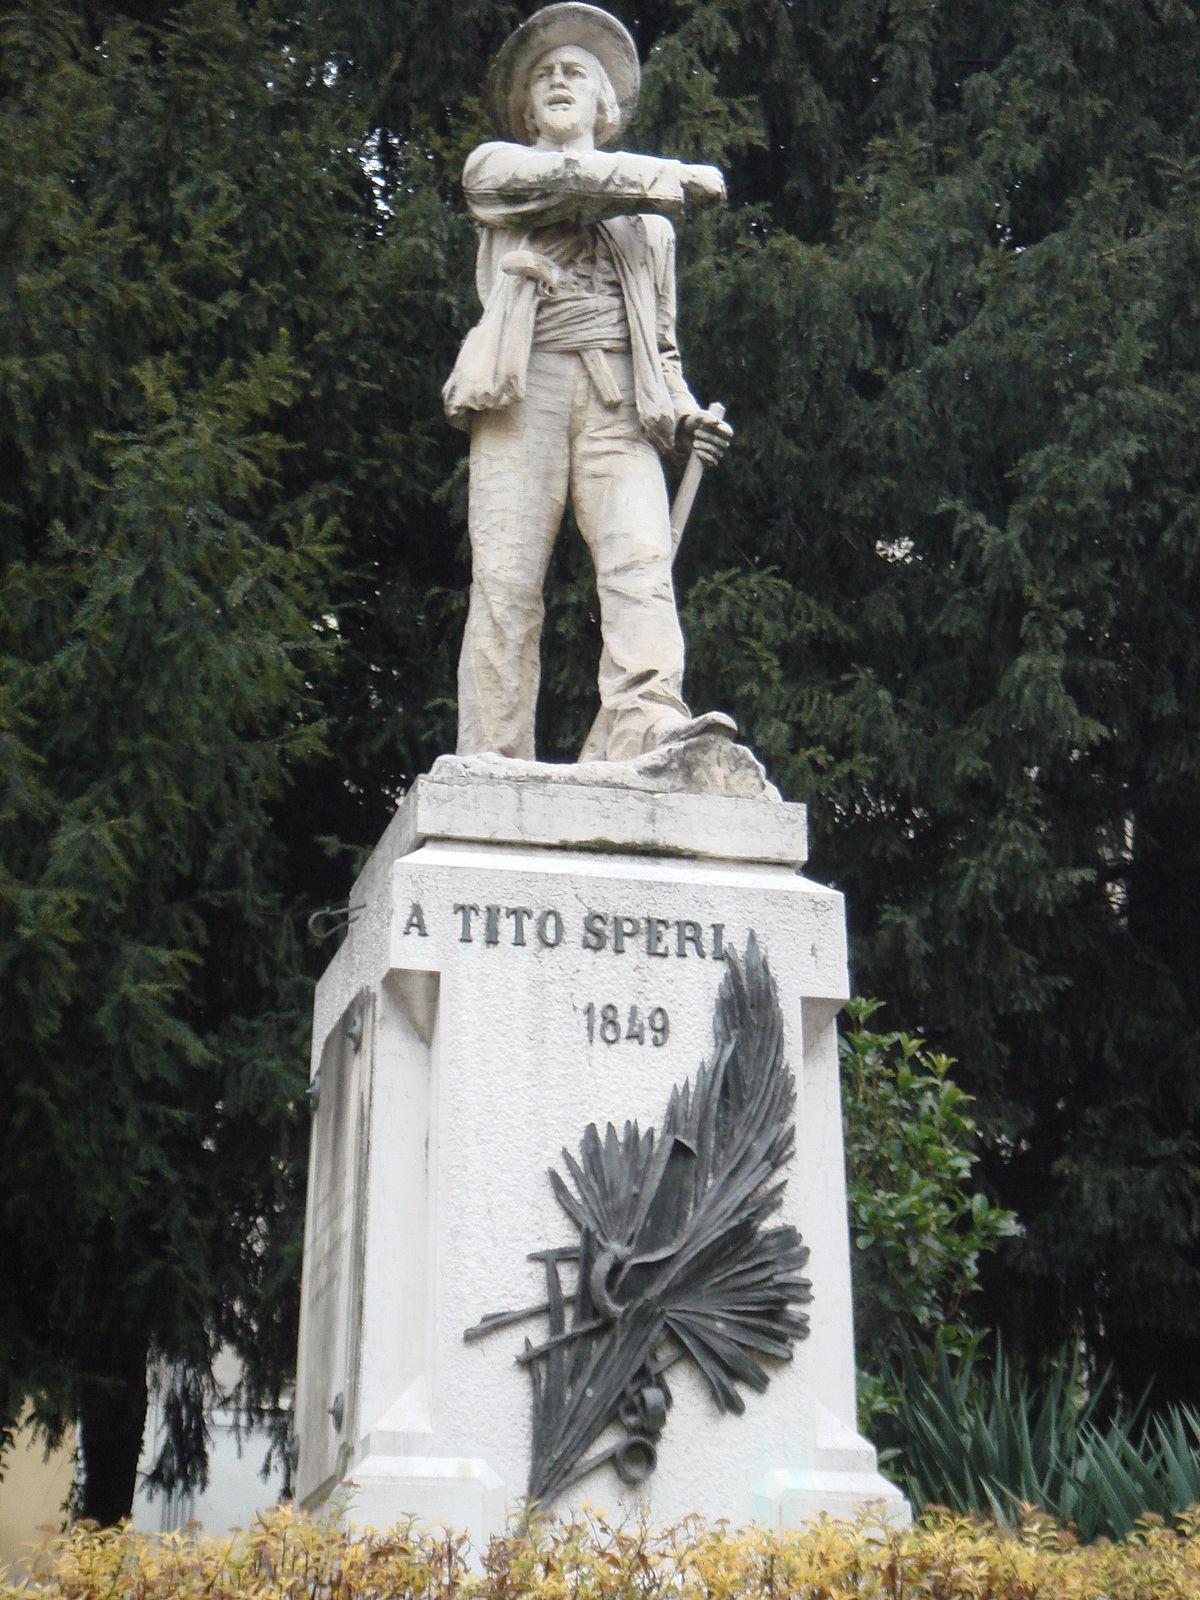 Tito Speri - Wikipedia